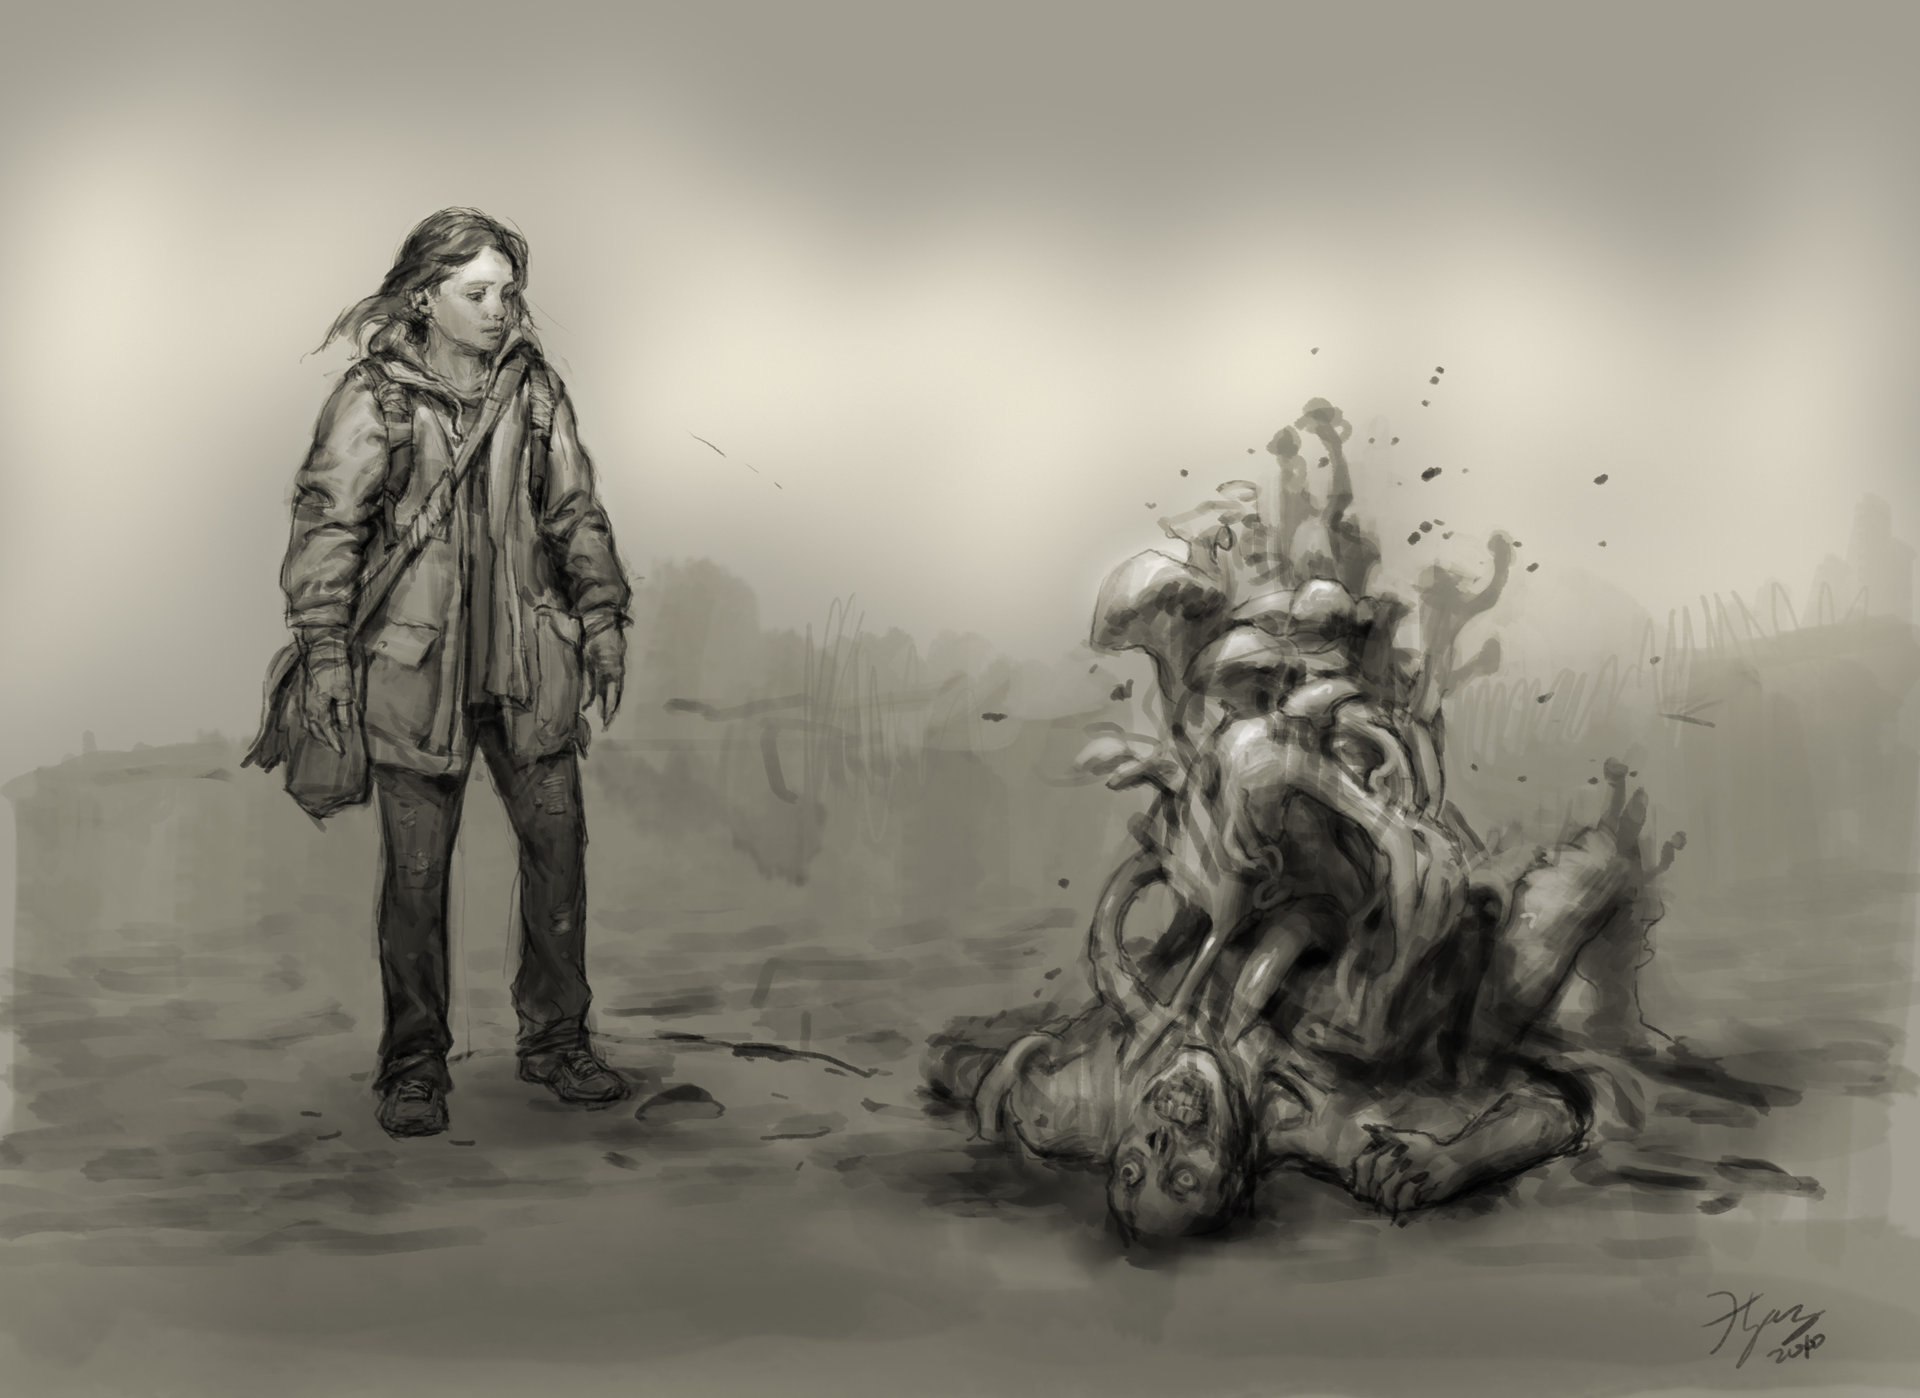 Heroine sketch hn 12